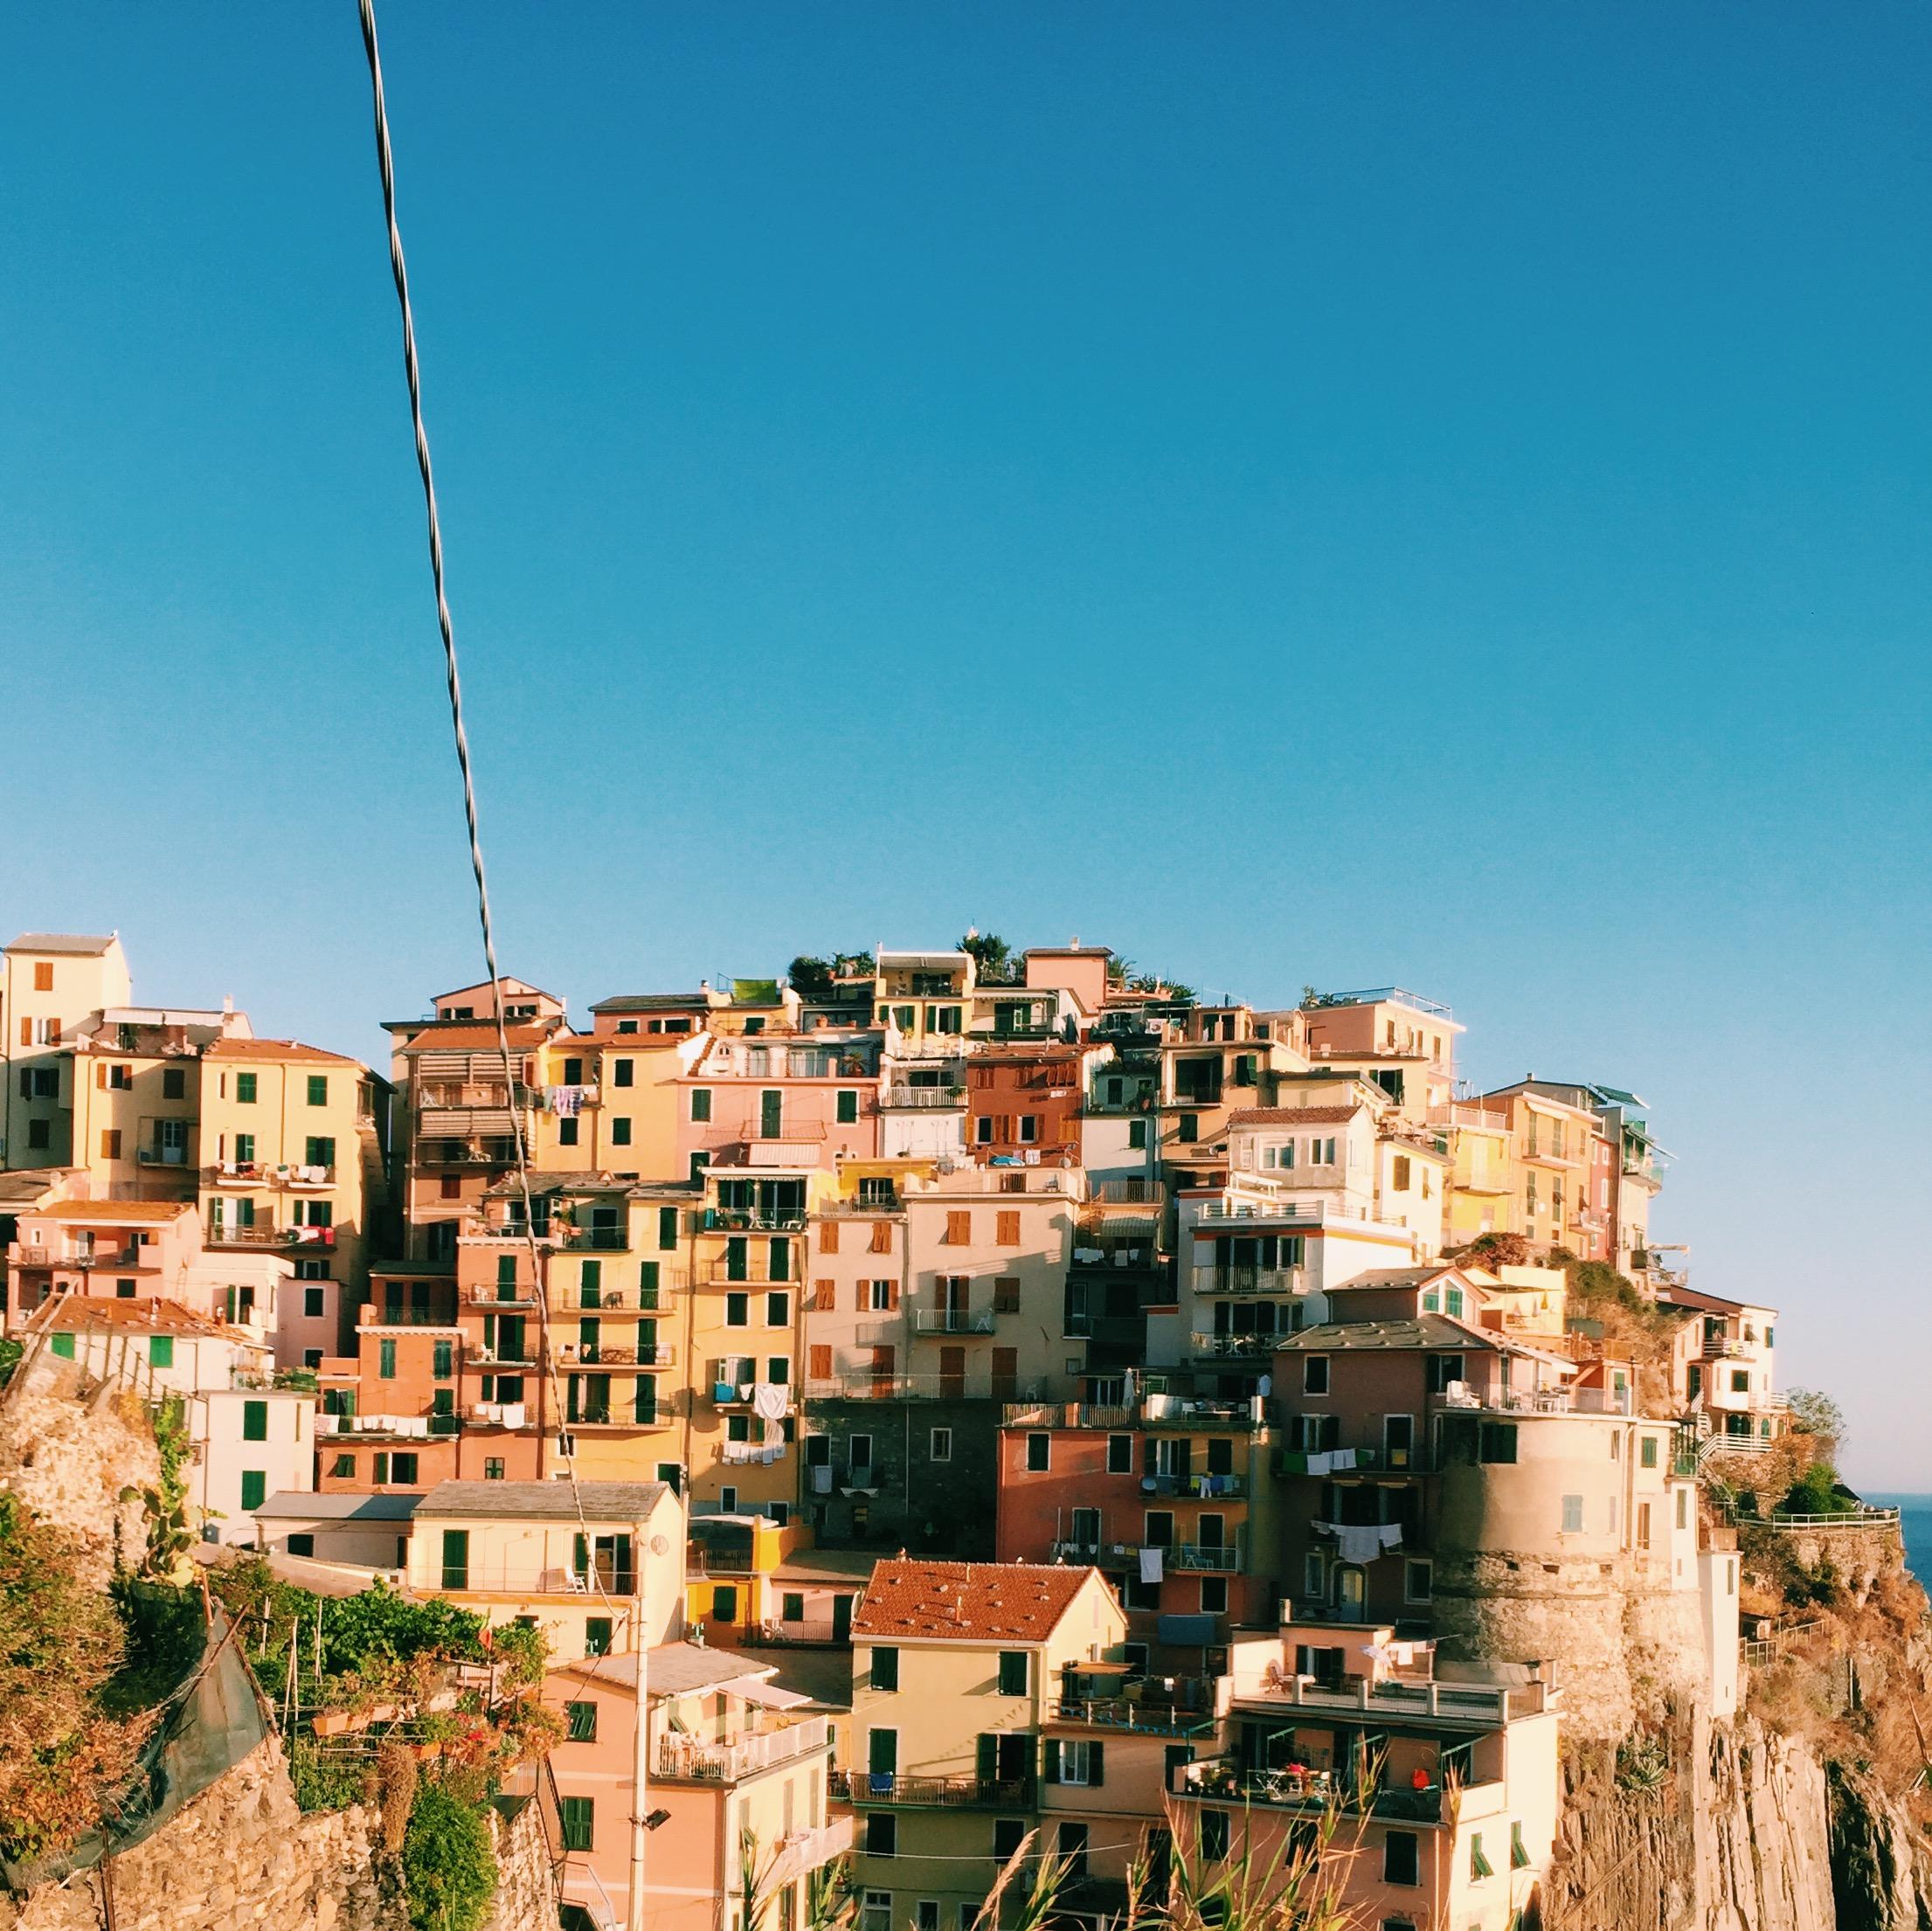 TRAVEL: ITALIAN TREASURE - Riomaggiore, Italy August 2017